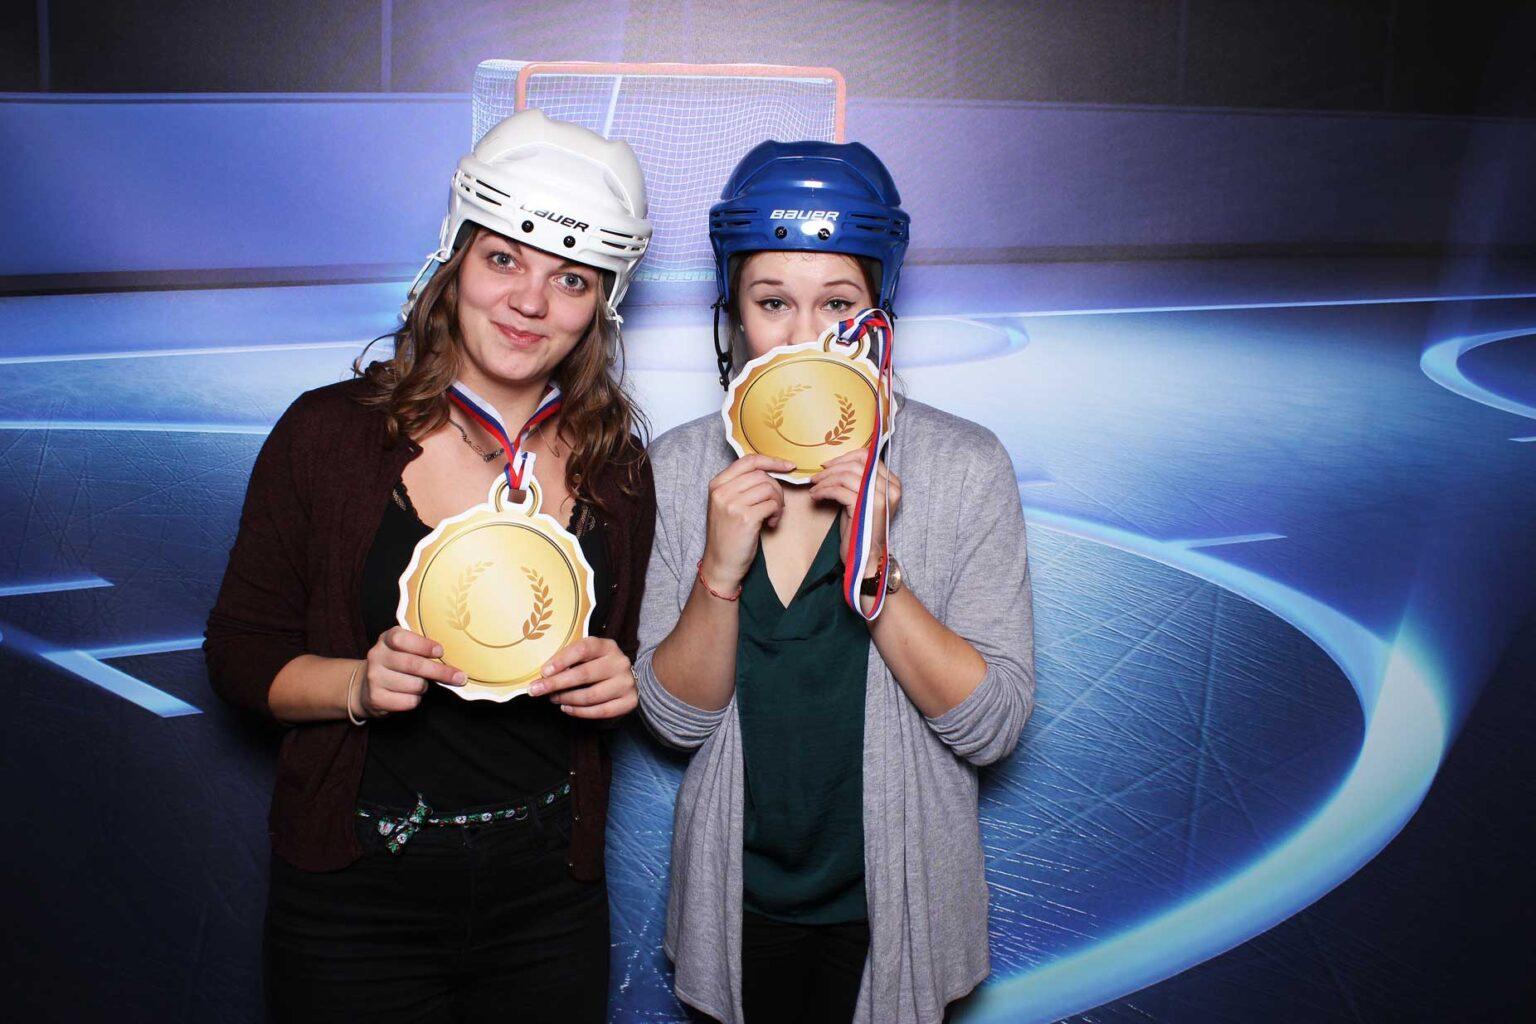 Fotopozadie Hokejová - ice hockey - rekvizity - fotokútik.